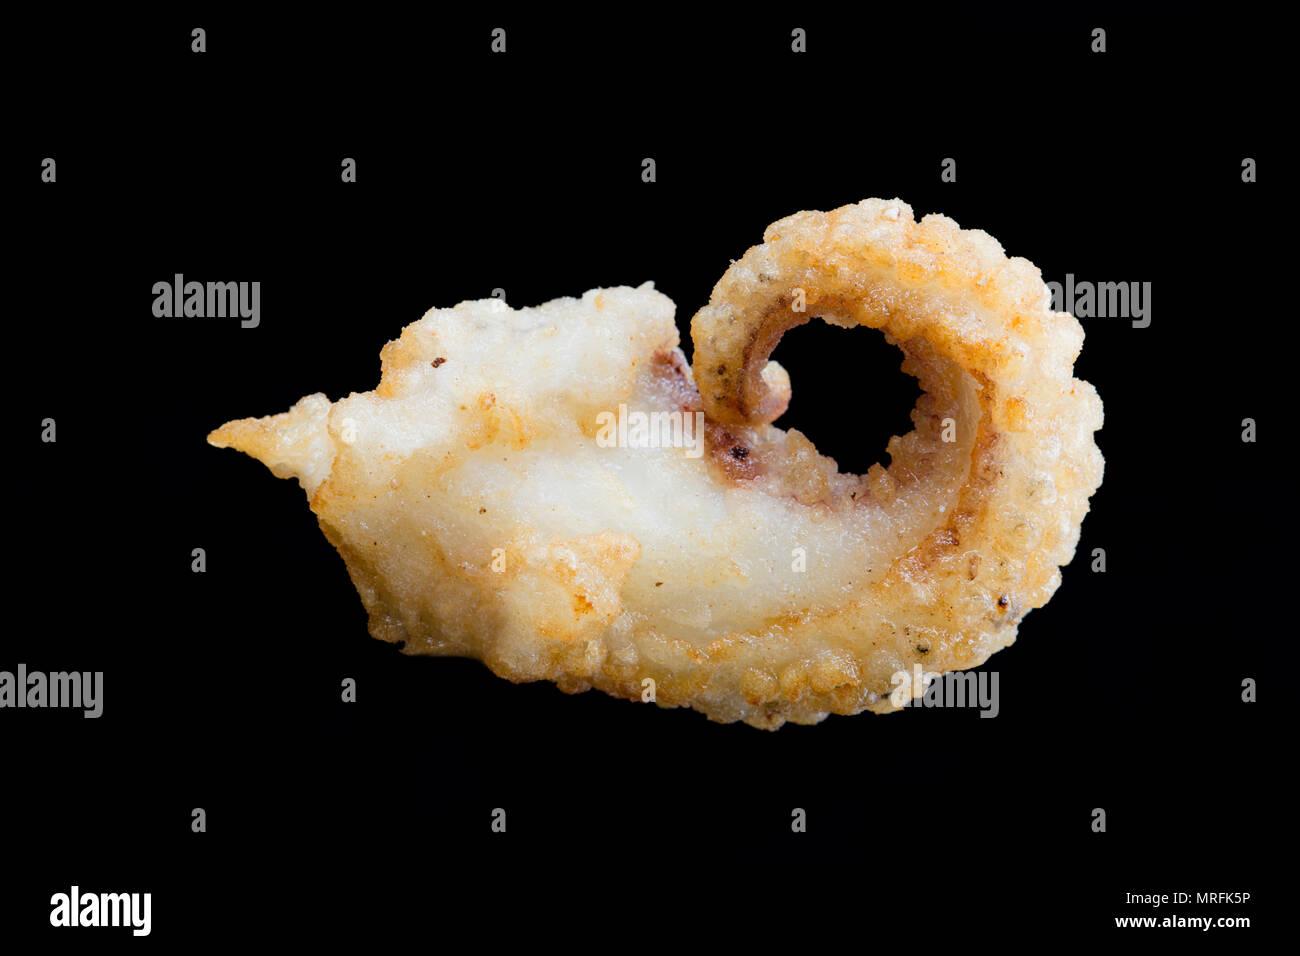 Die Bemehlten und frittierte Tentakel eines Tintenfisch, Sepia officinalis, die in den englischen Kanal, Dorset England UK gefangen wurde. Tintenfisch coa Stockbild